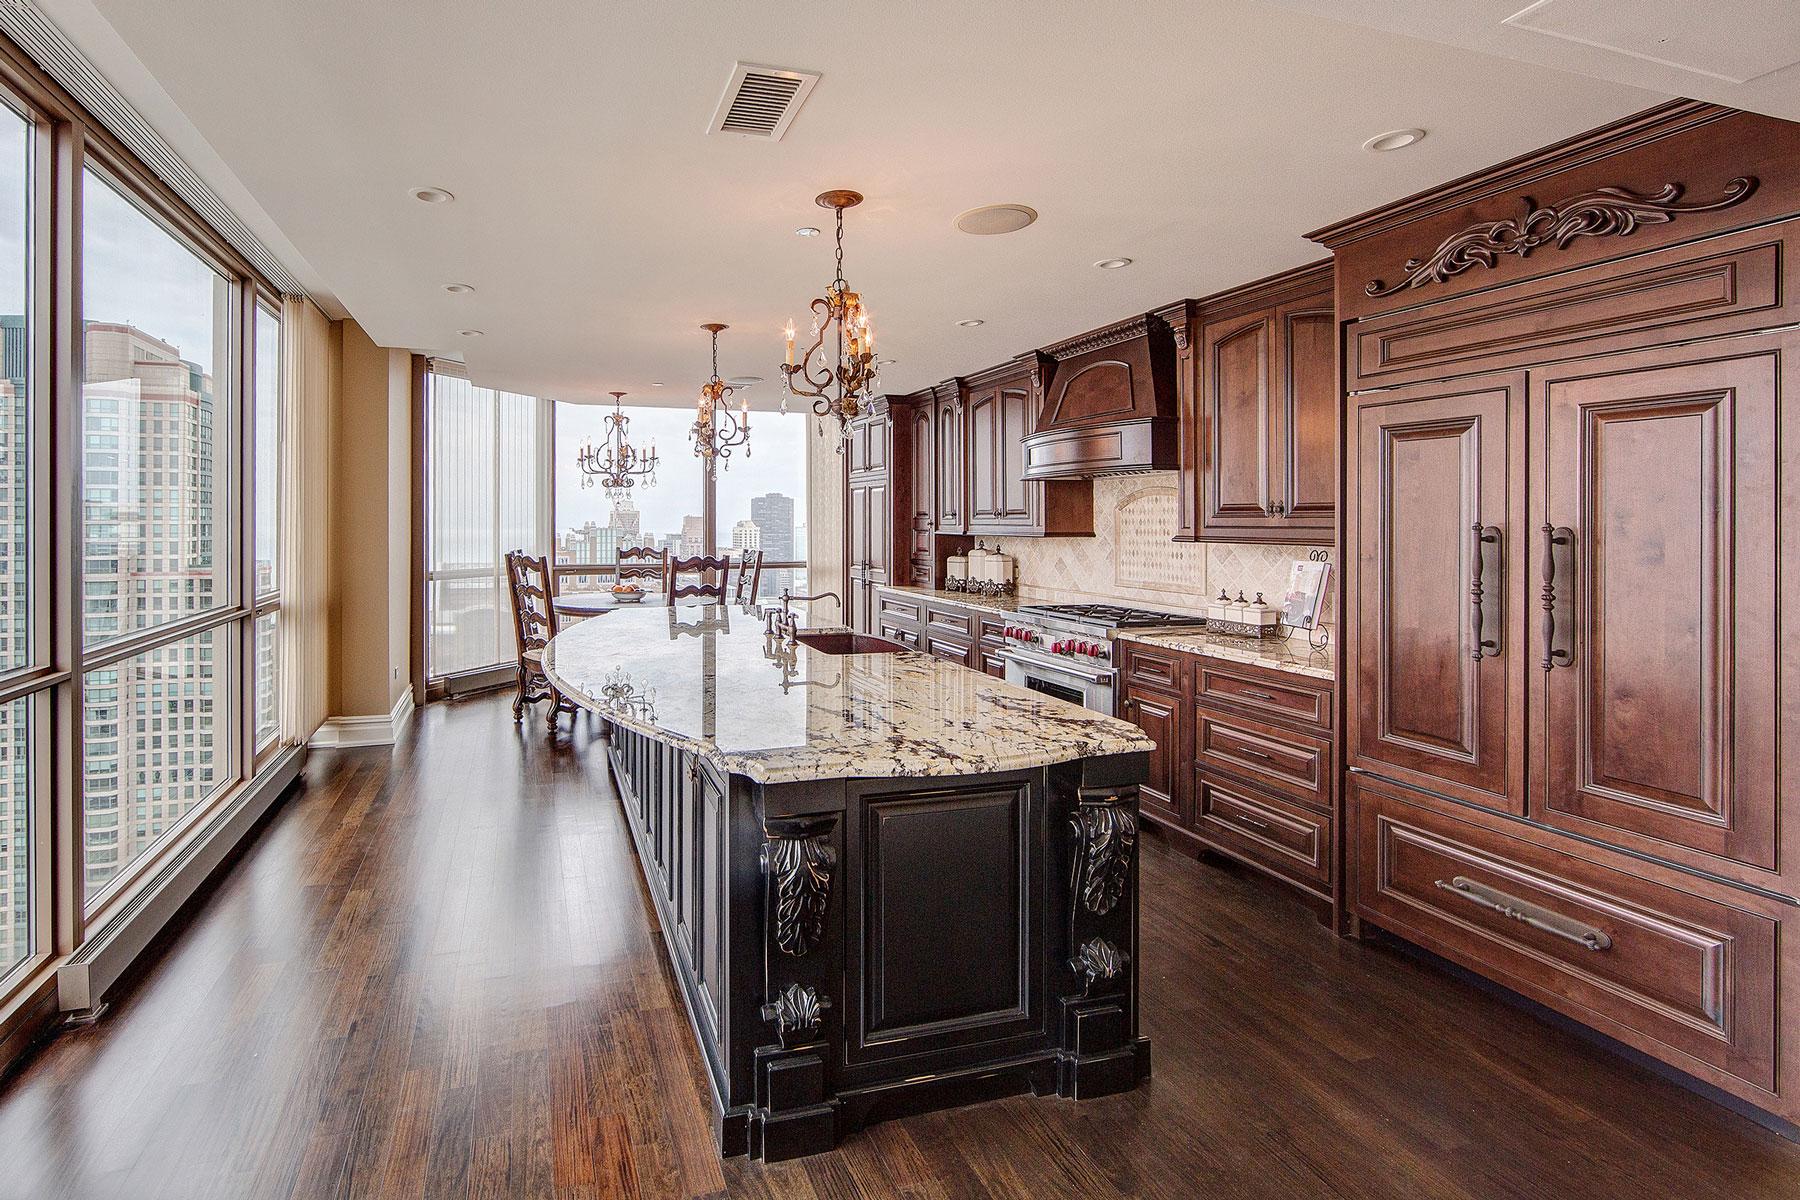 Superior Chicago Condo Kitchen Remodel